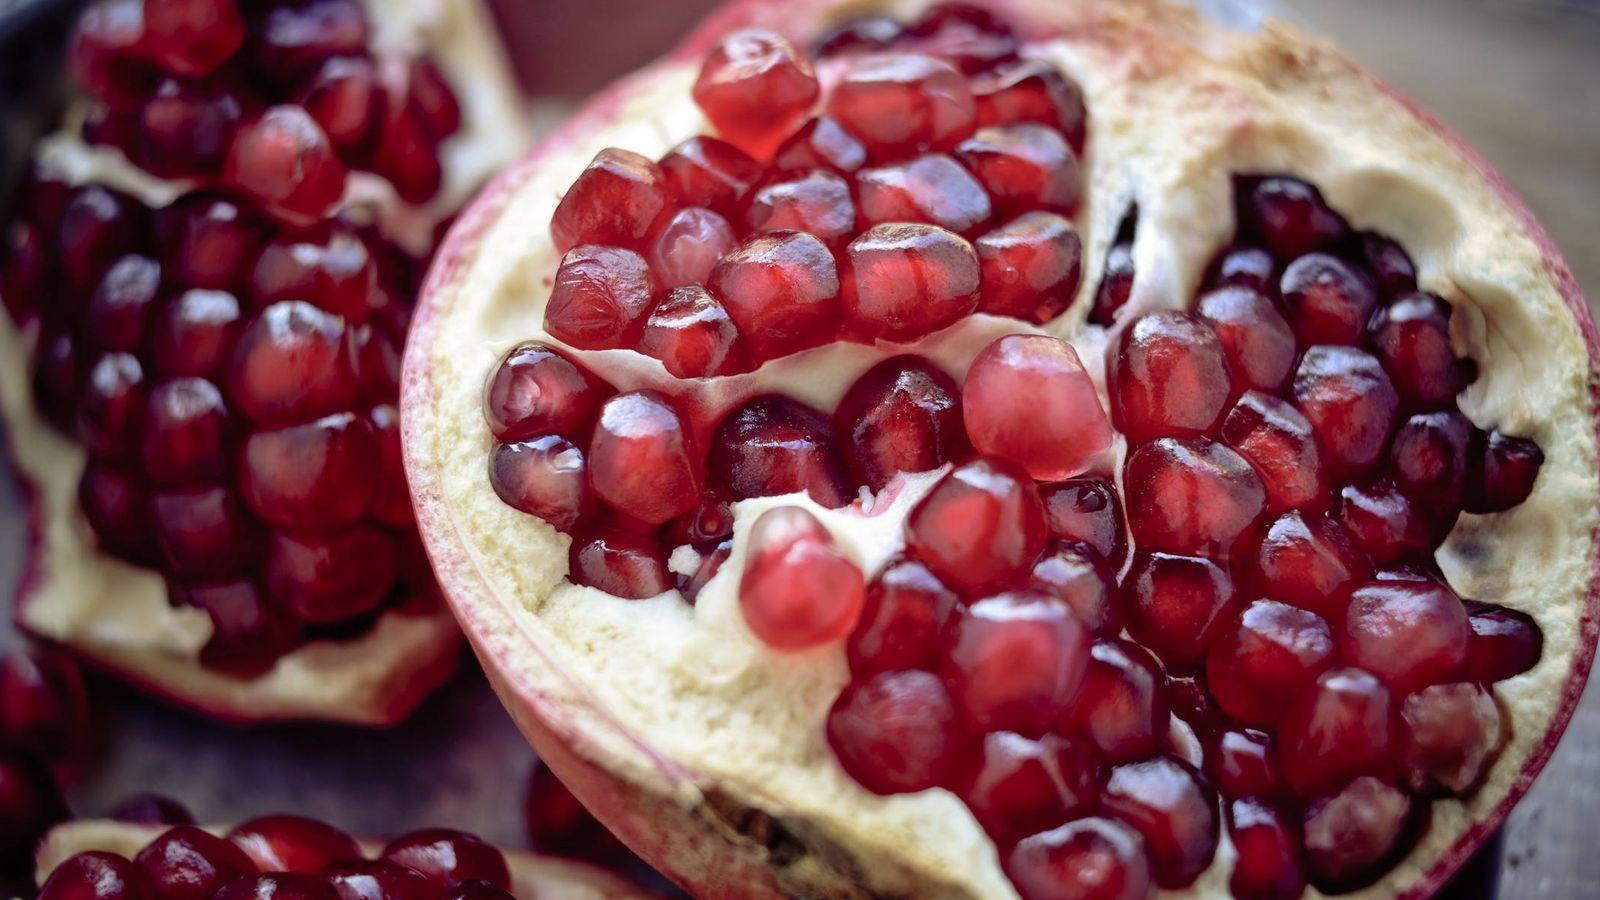 Fruta: Las razones por las que comer granadas viene bien a tu salud